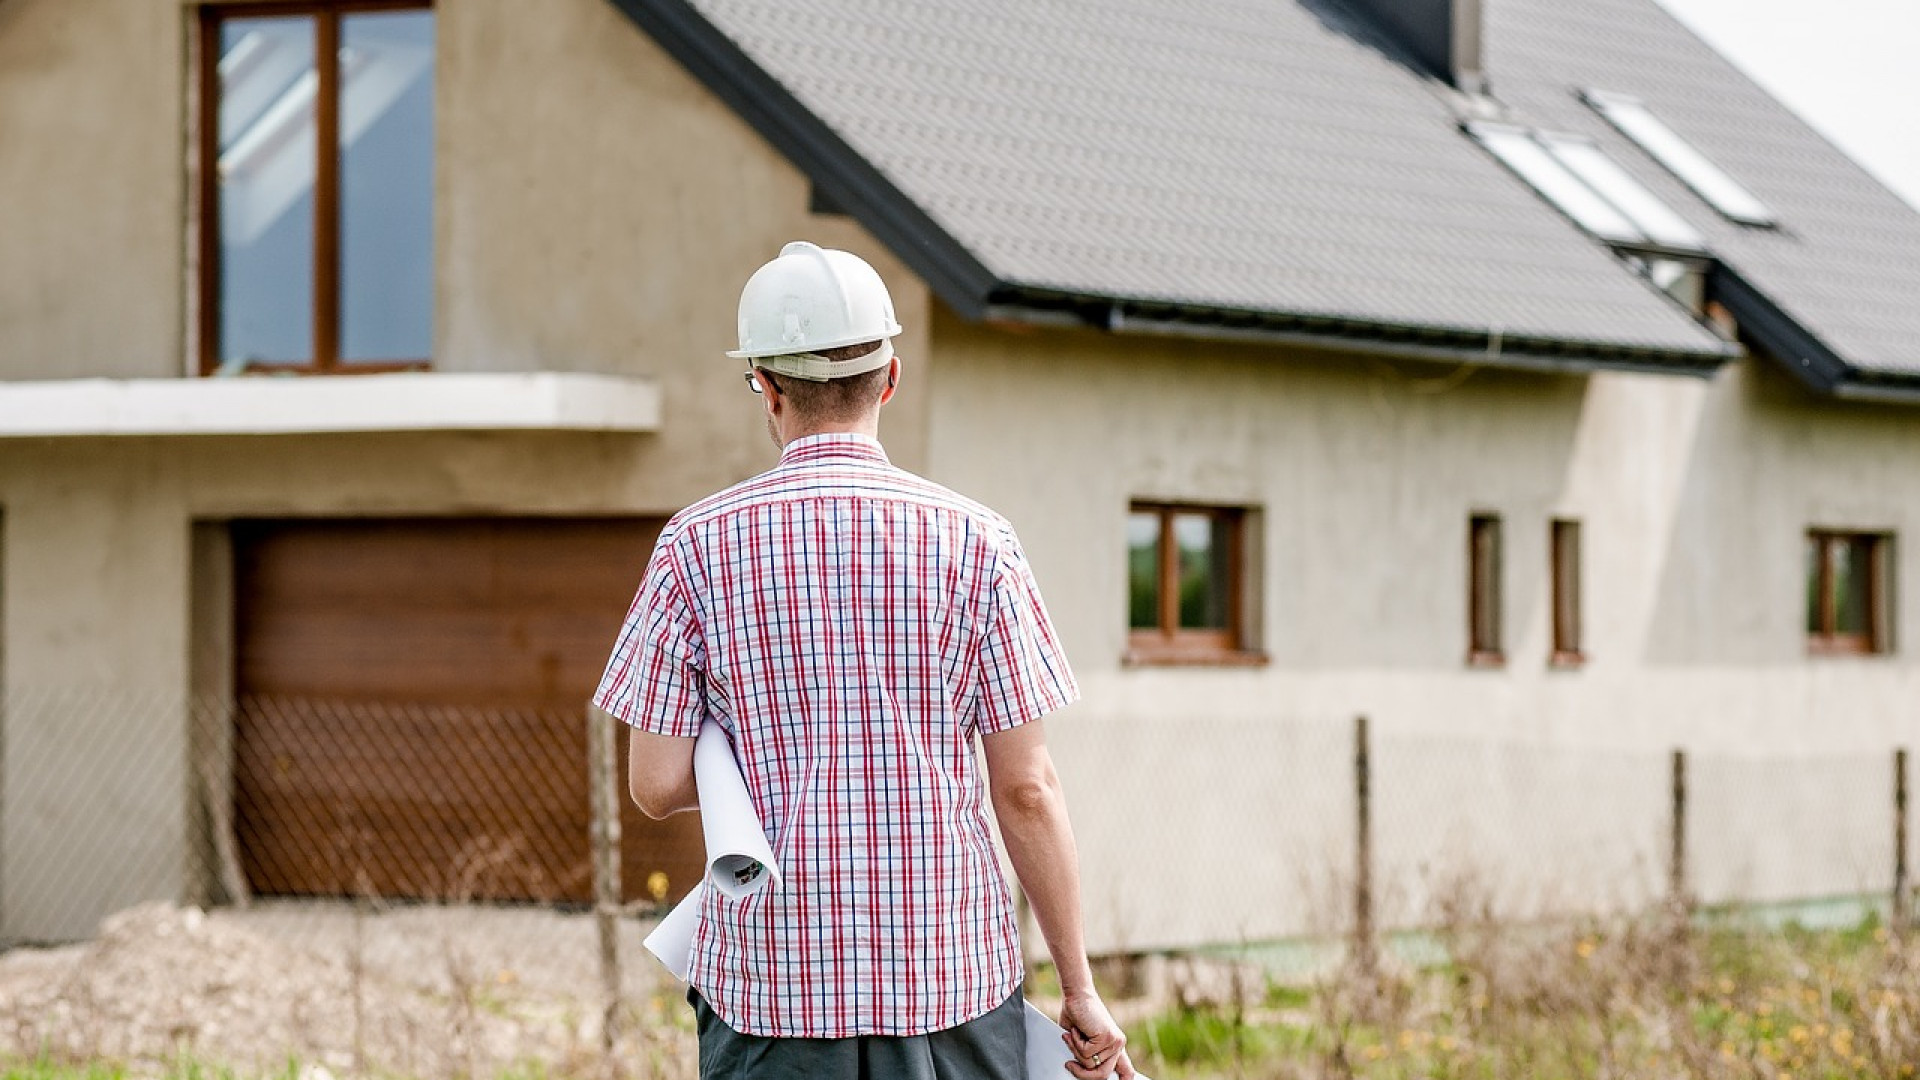 Comment sélectionner son constructeur de maison ?